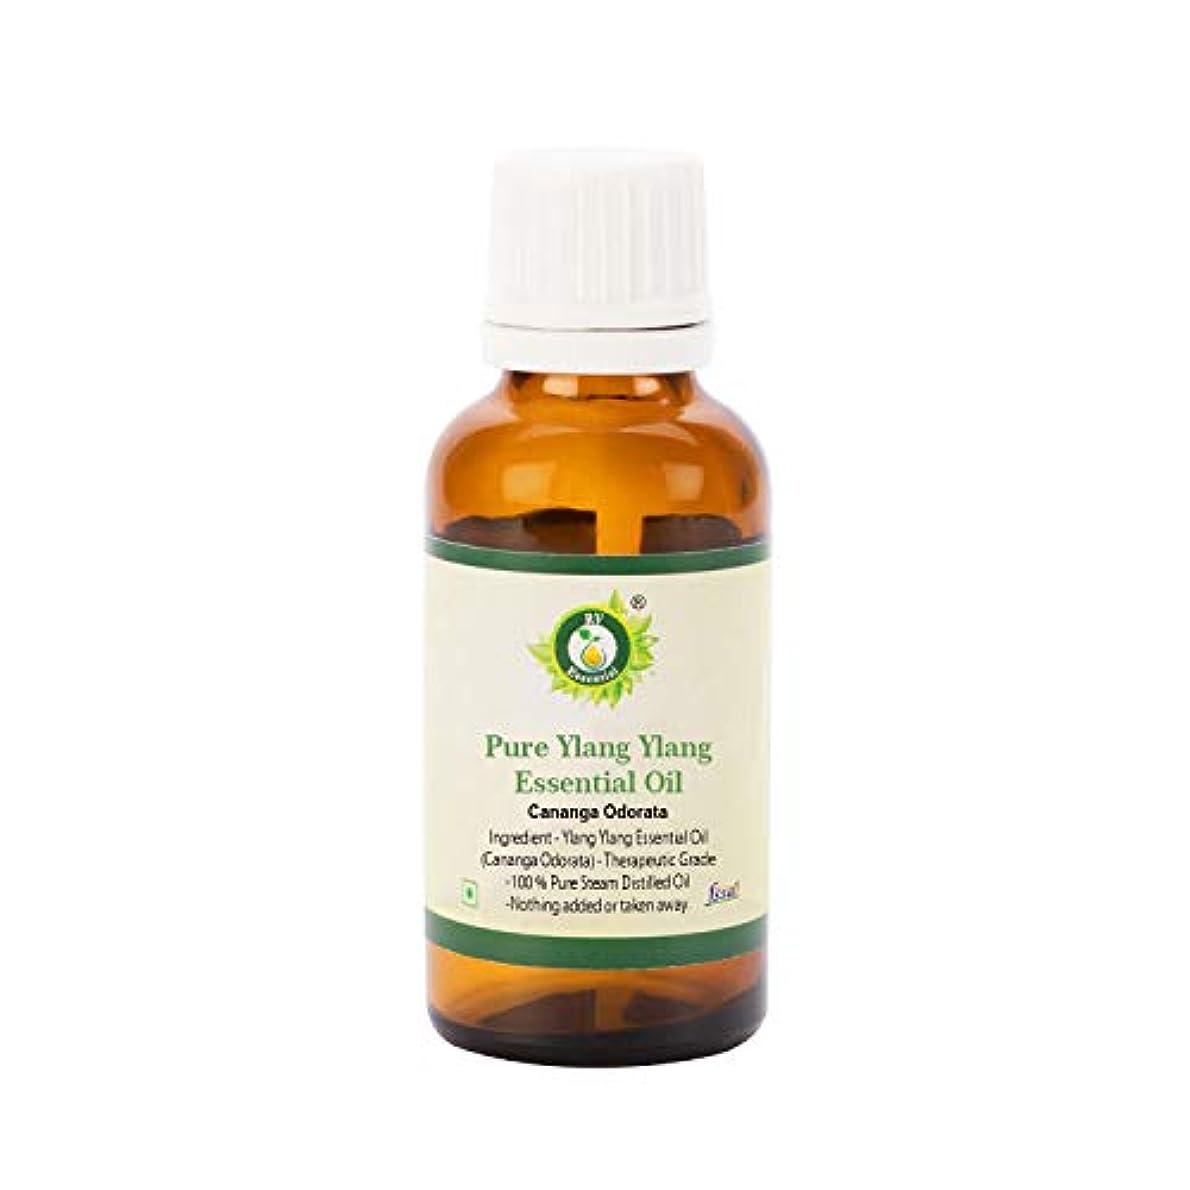 クローン罰する白雪姫R V Essential ピュアイランイランエッセンシャルオイル10ml (0.338oz)- Cananga Odorata (100%純粋&天然スチームDistilled) Pure Ylang Ylang Essential...